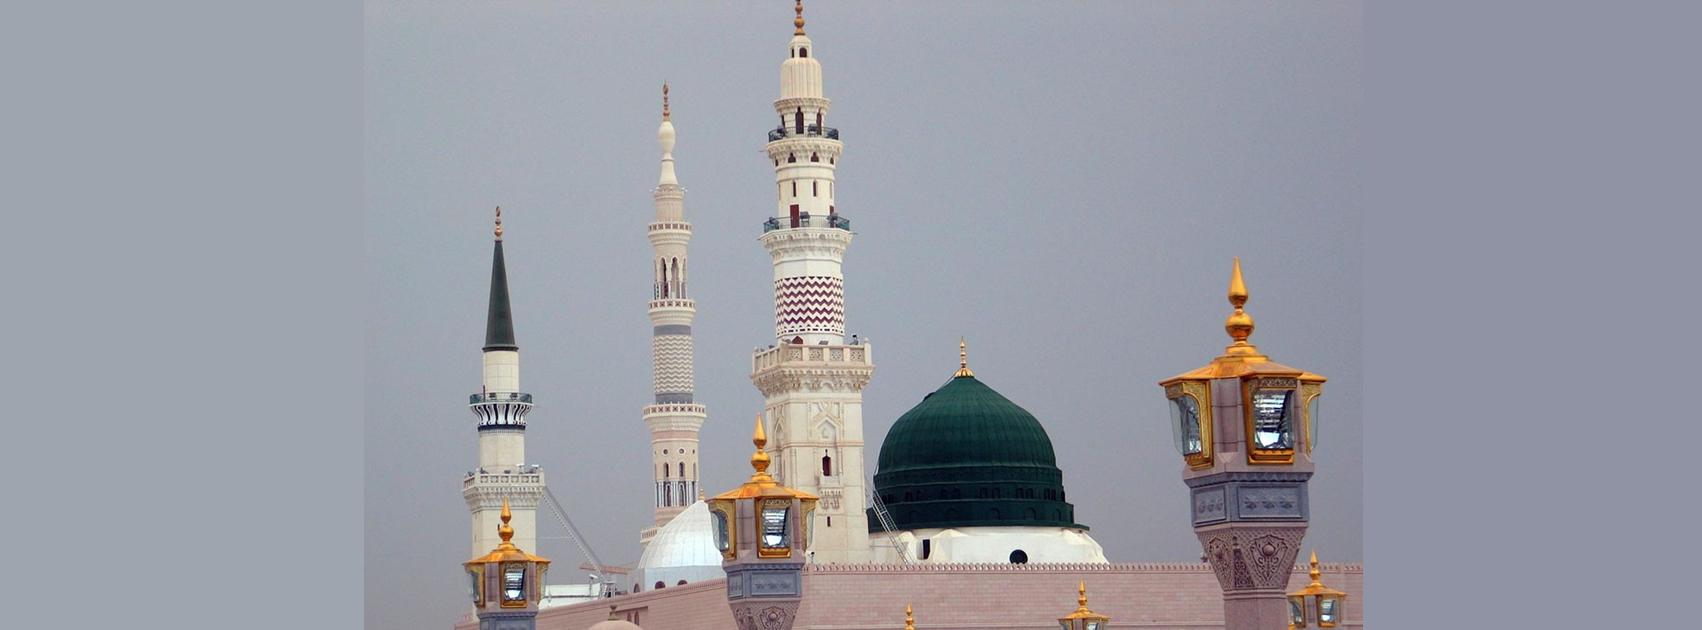 masjid-medina1